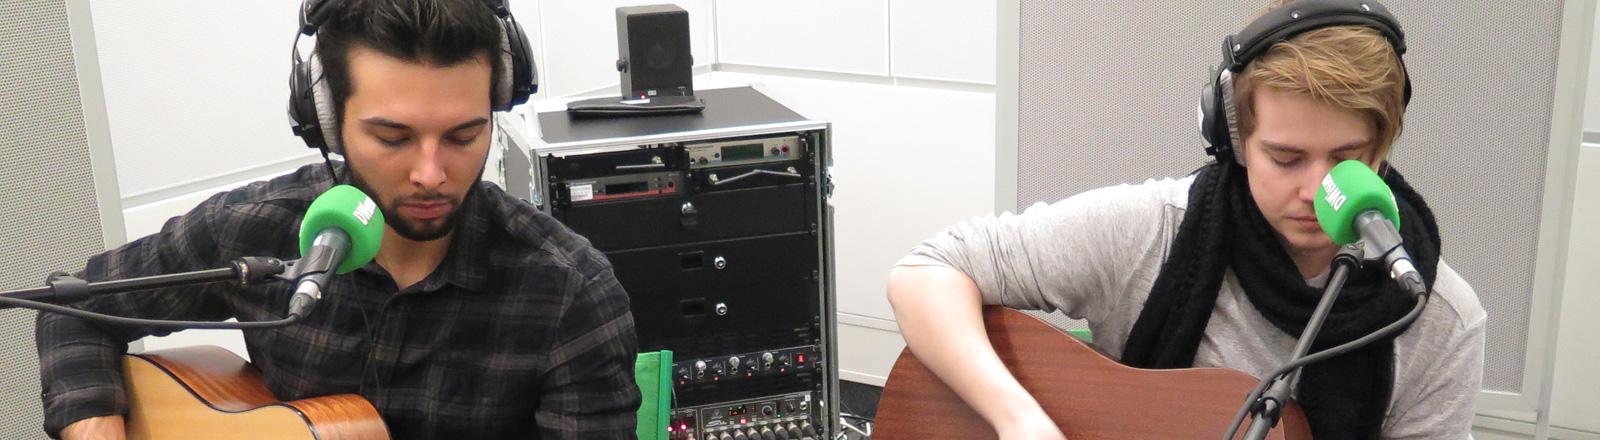 Zwei Musiker der Band Nothing But Thieves sitzen im Studio von DRadio Wissen.